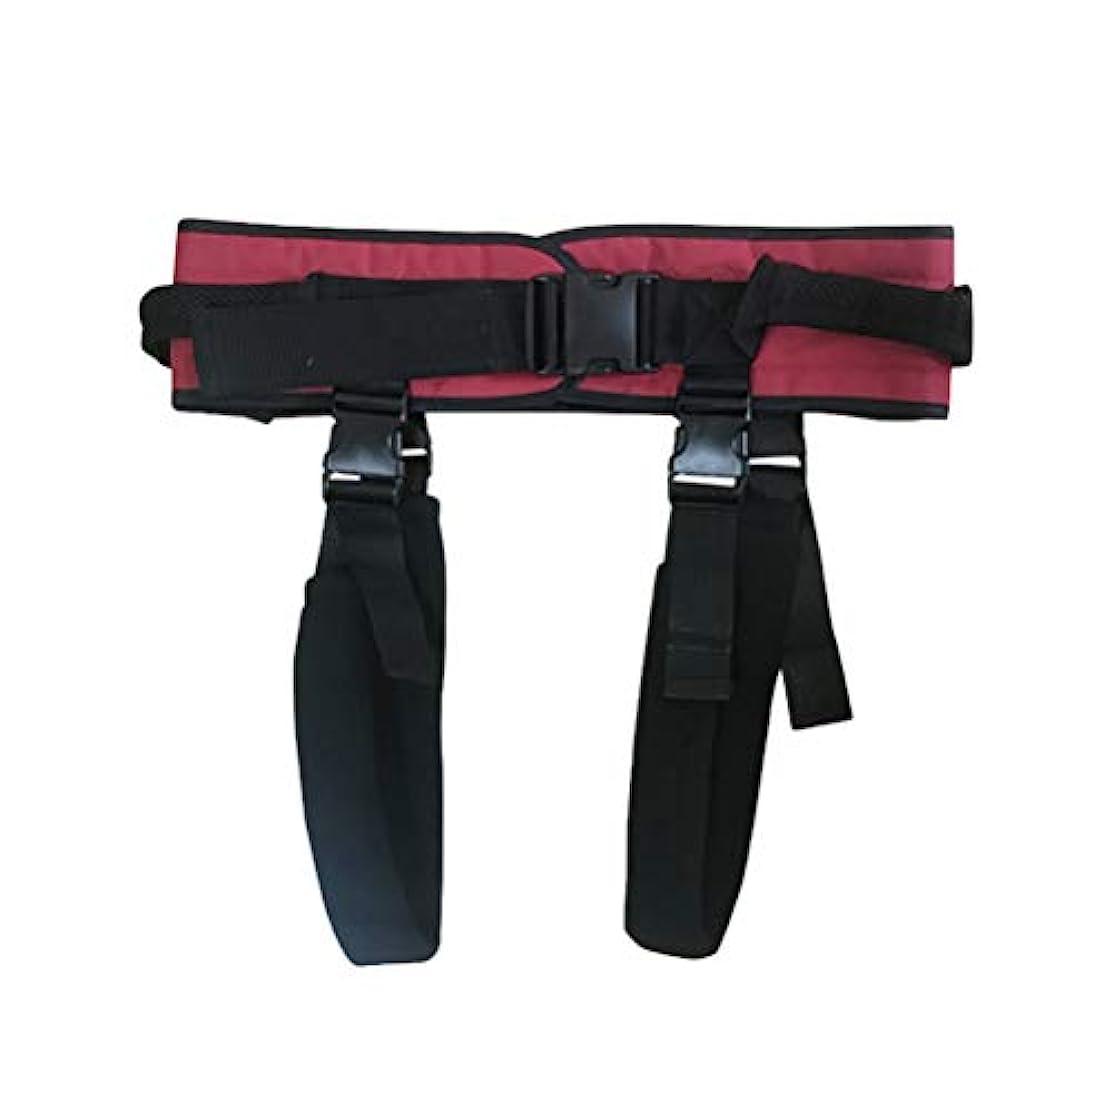 悔い改めるクモ肩をすくめるFrcolor 介助介護ベルト通気性調整可能ウォーキングベルトアンチドロップウエストベルト安全レッグロープ 転倒防止移動サポート介護者患者高齢者ケア家族や病院(XL)